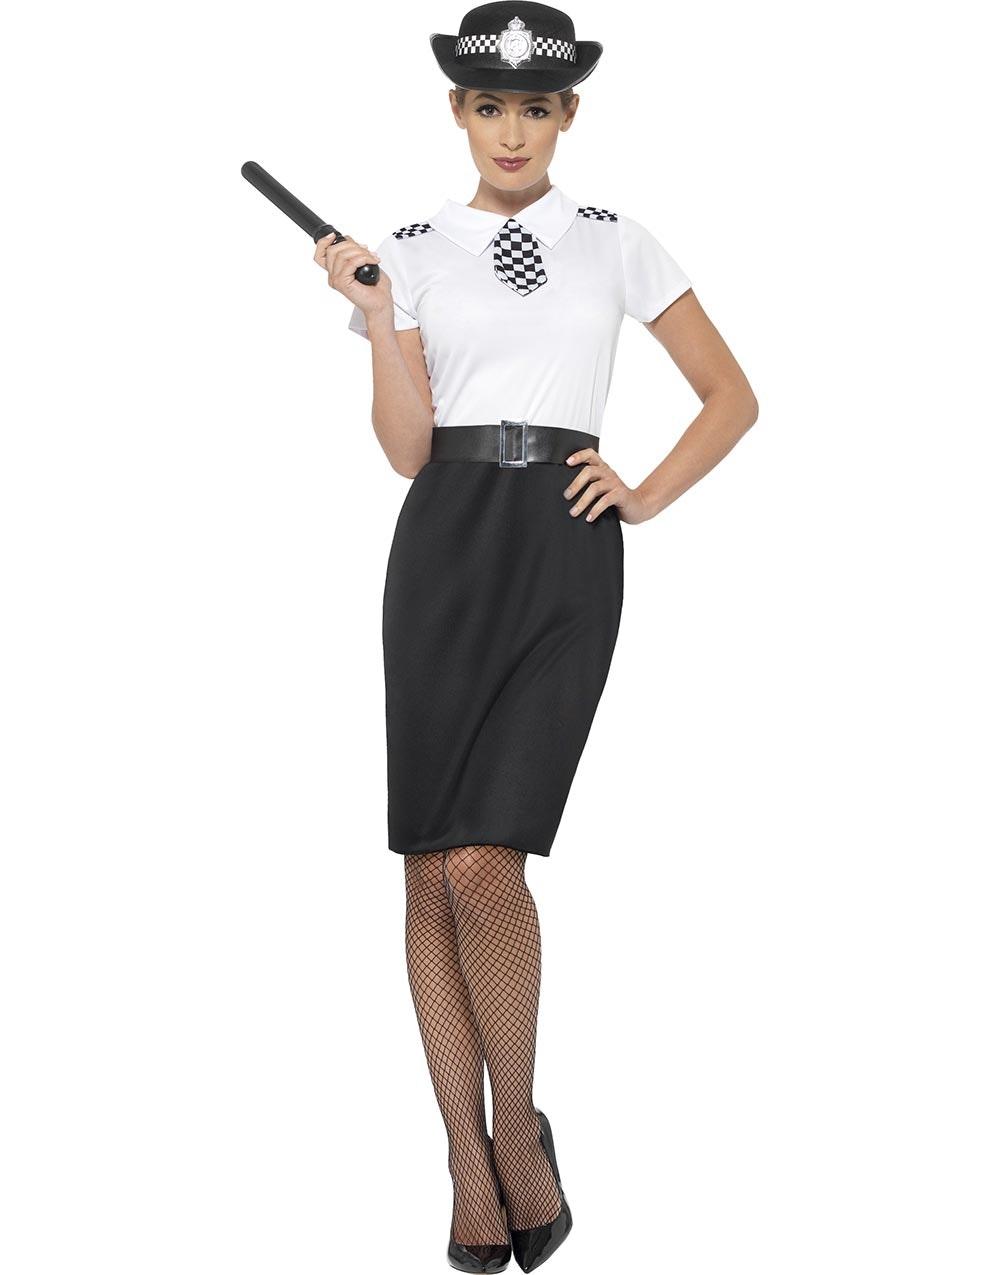 elena skal vi danse politi kostyme dame